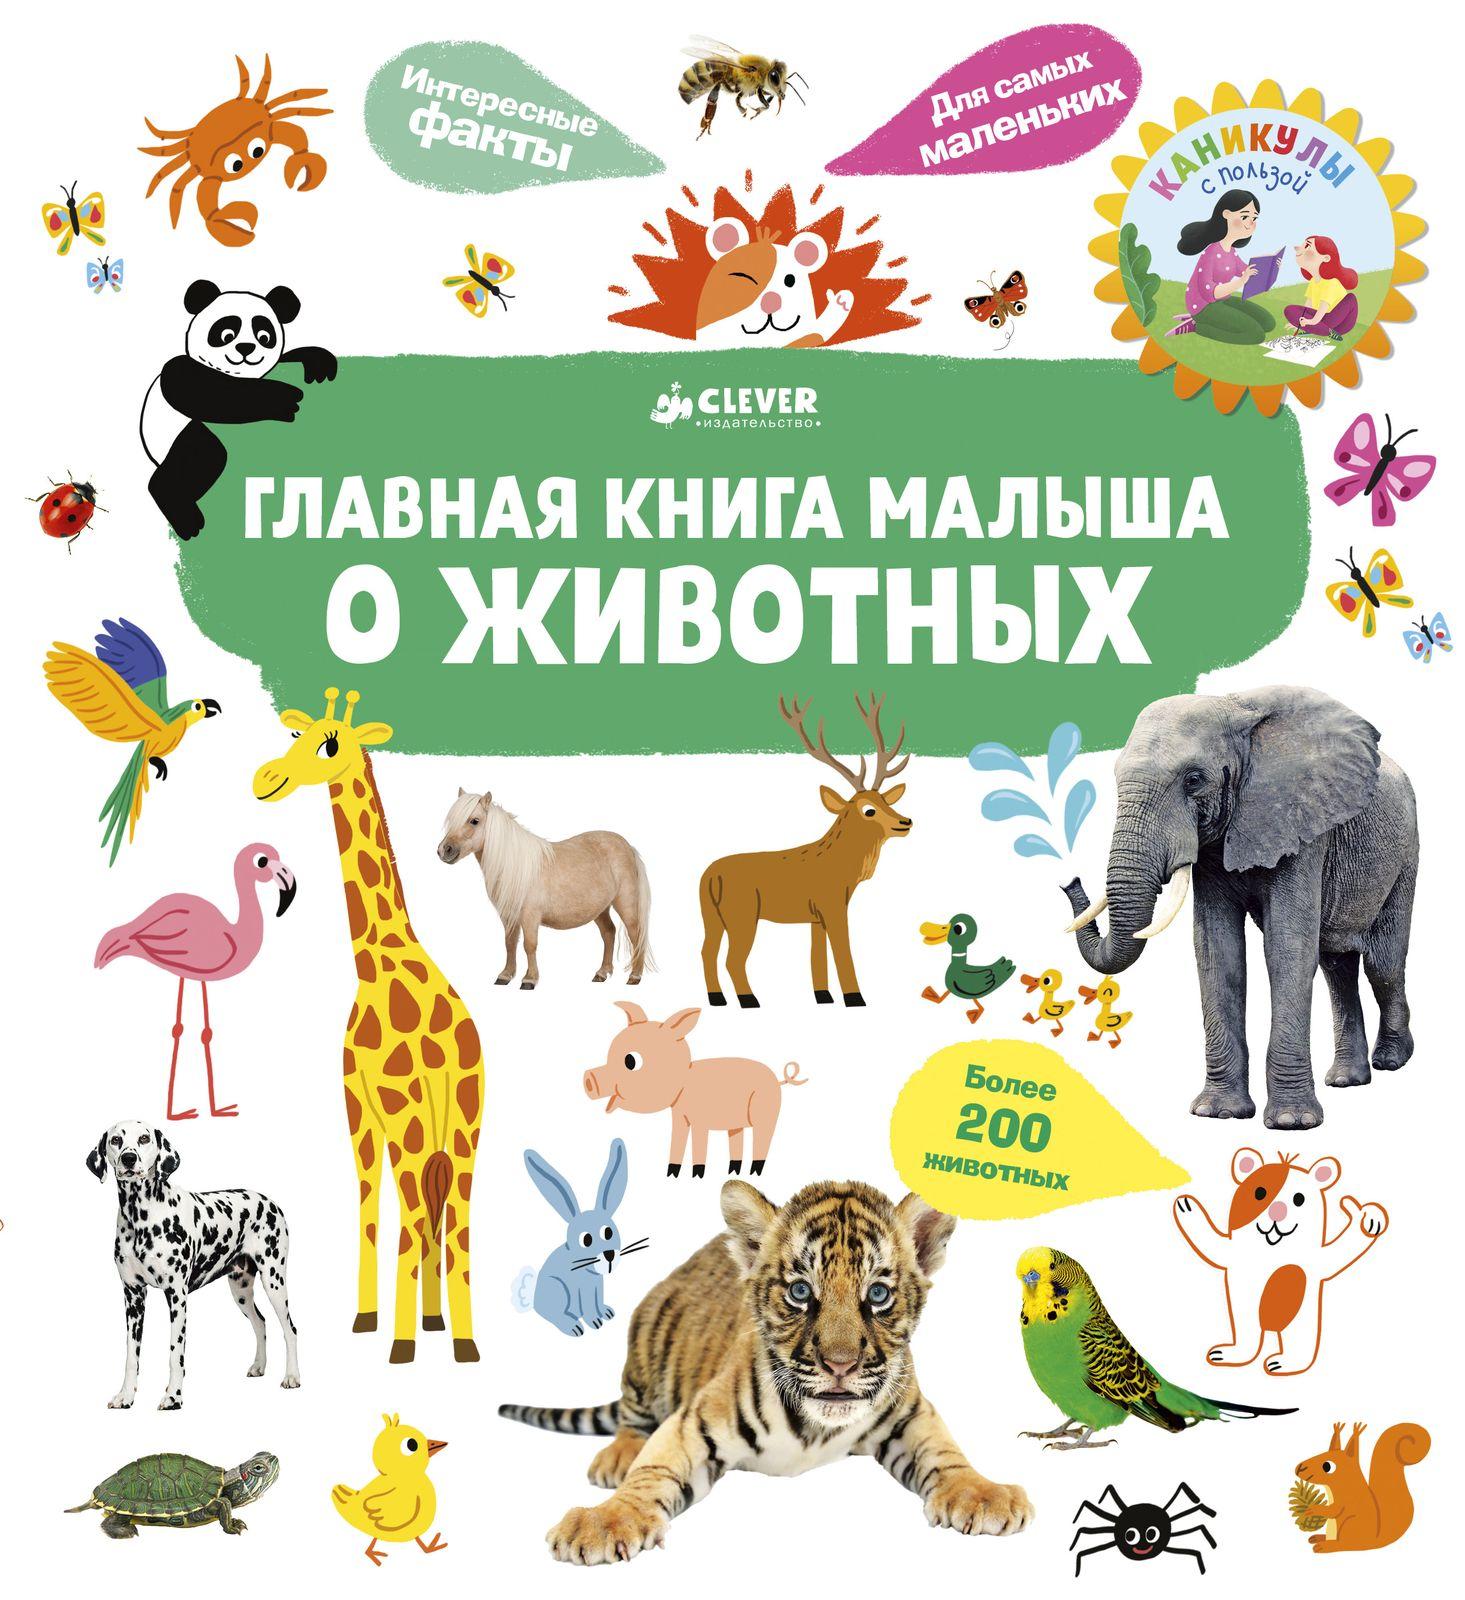 Купить Главная книга малыша. О животных, Издательство Клевер